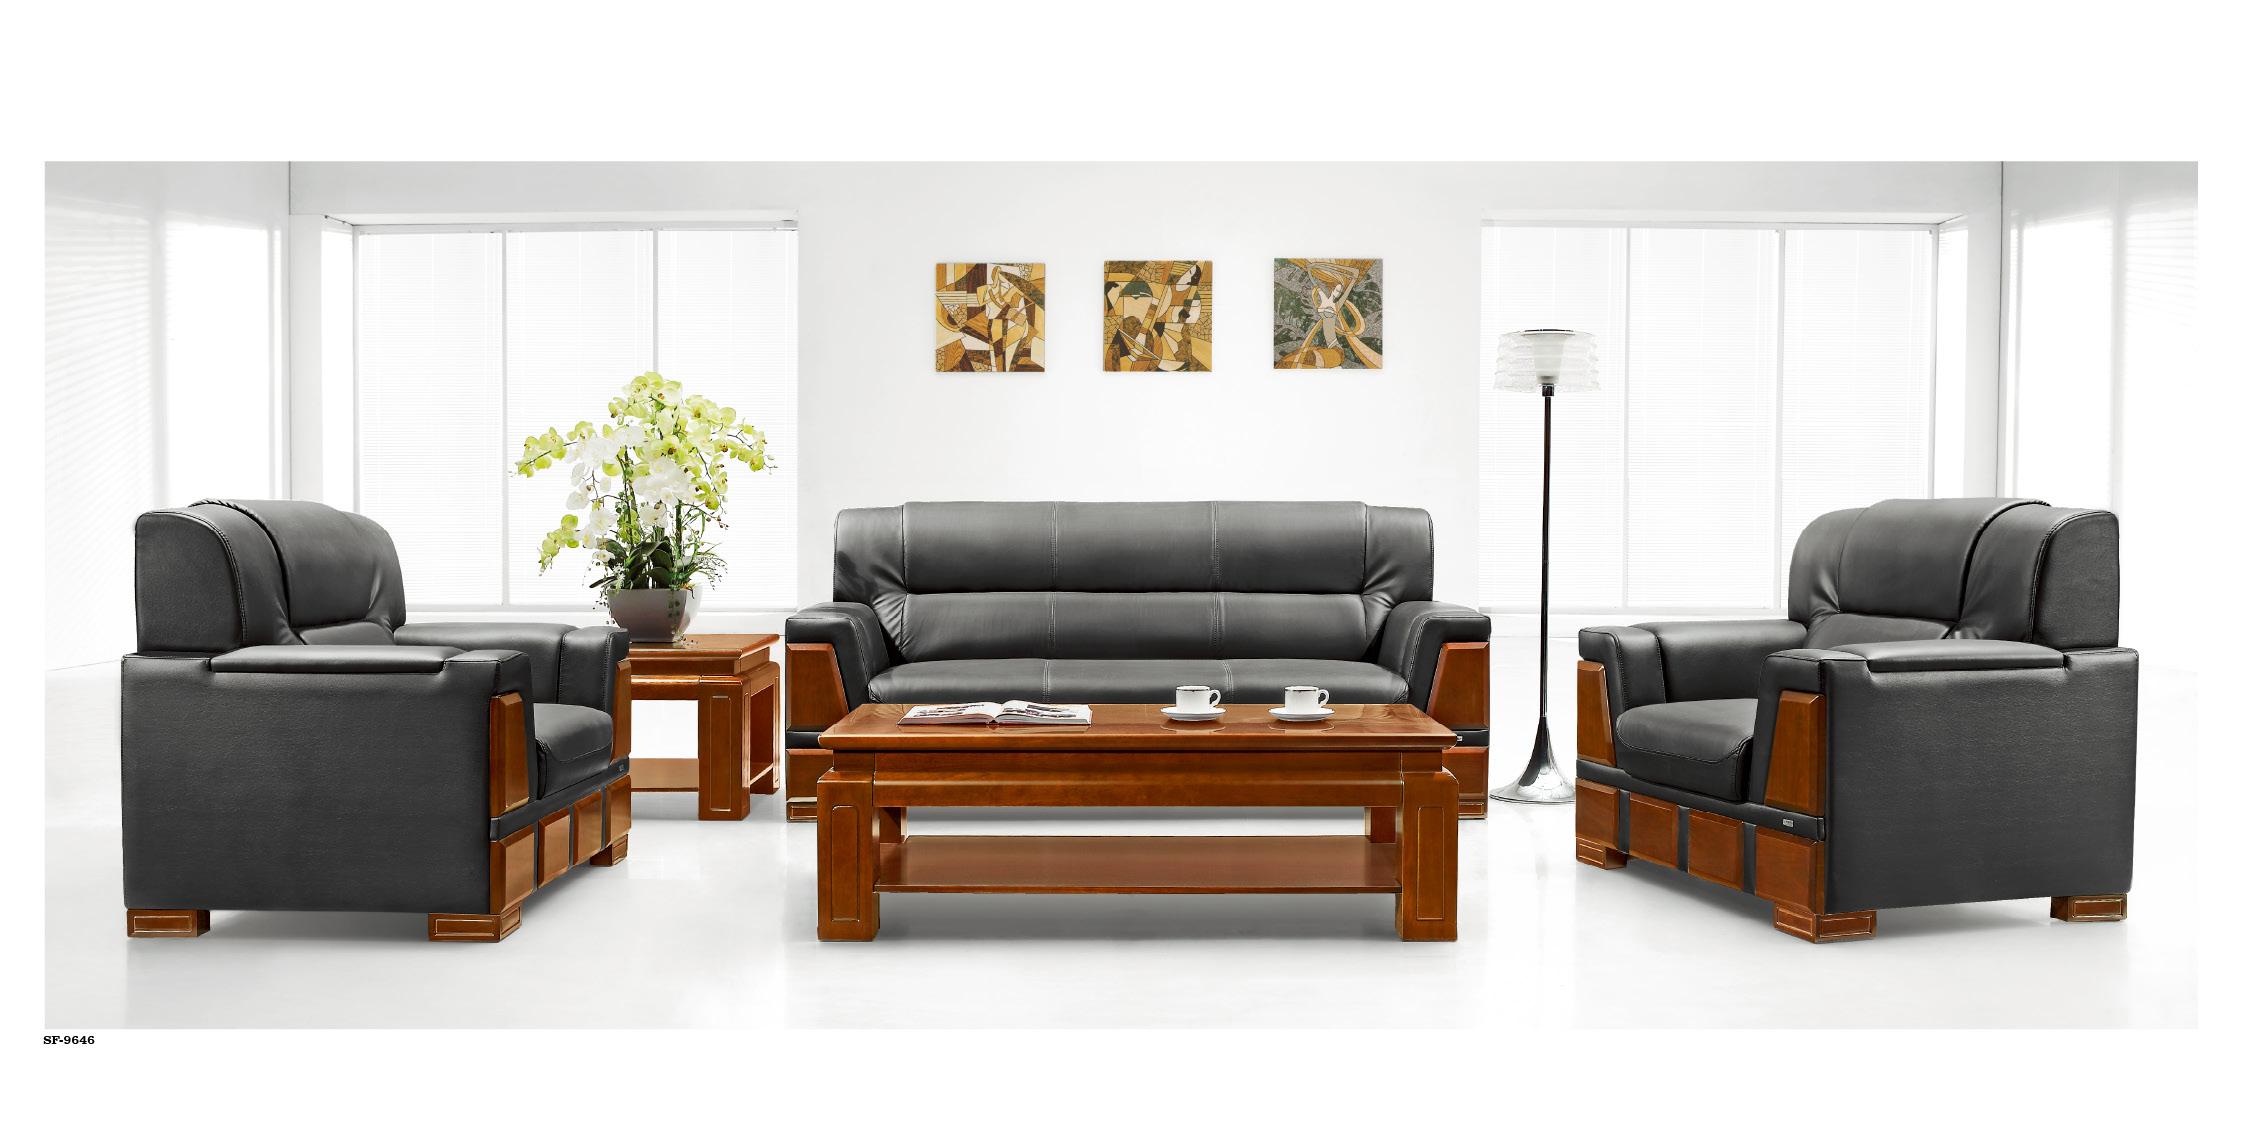 沙发套组SF-9646